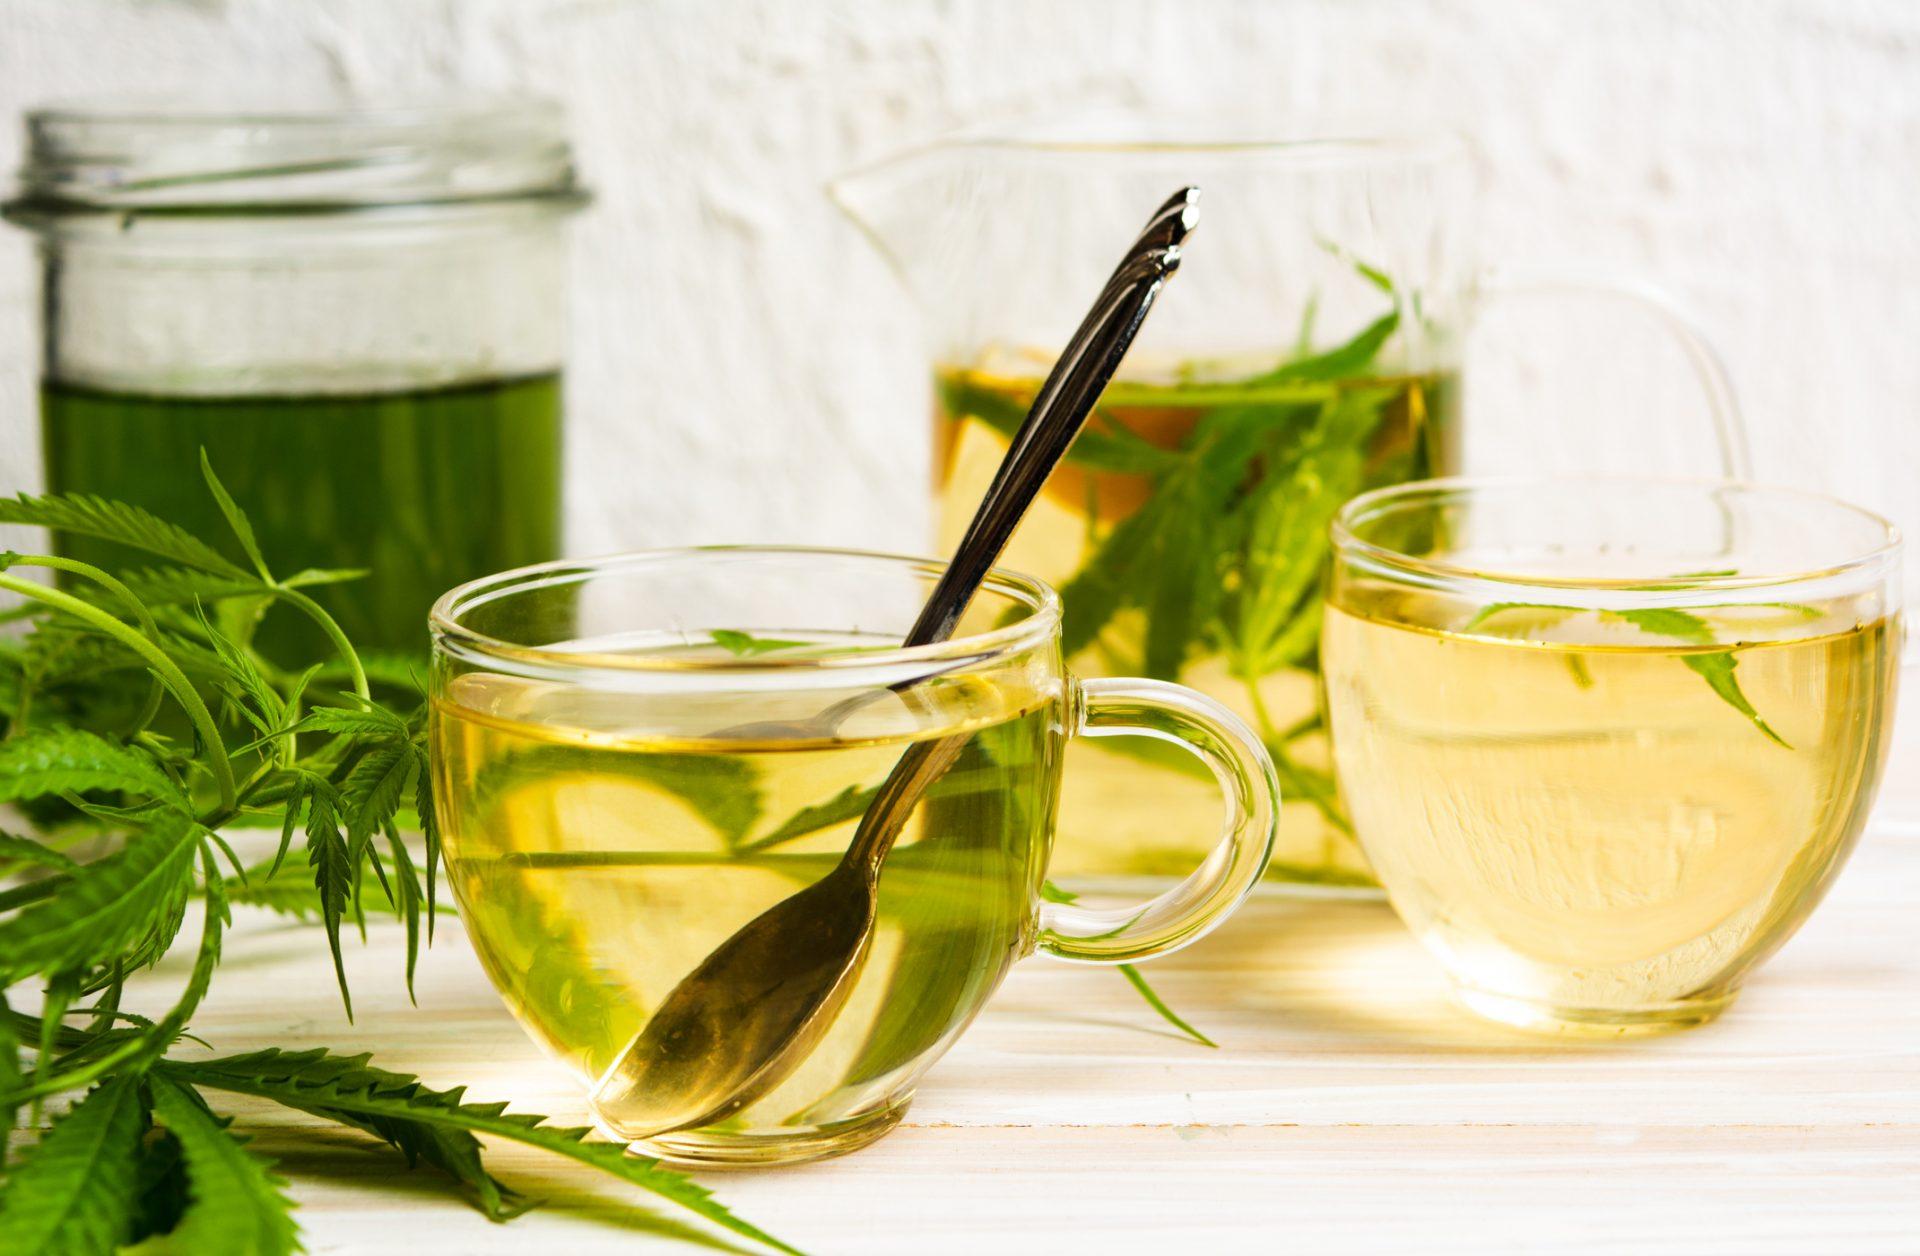 Making Cannabis Tea